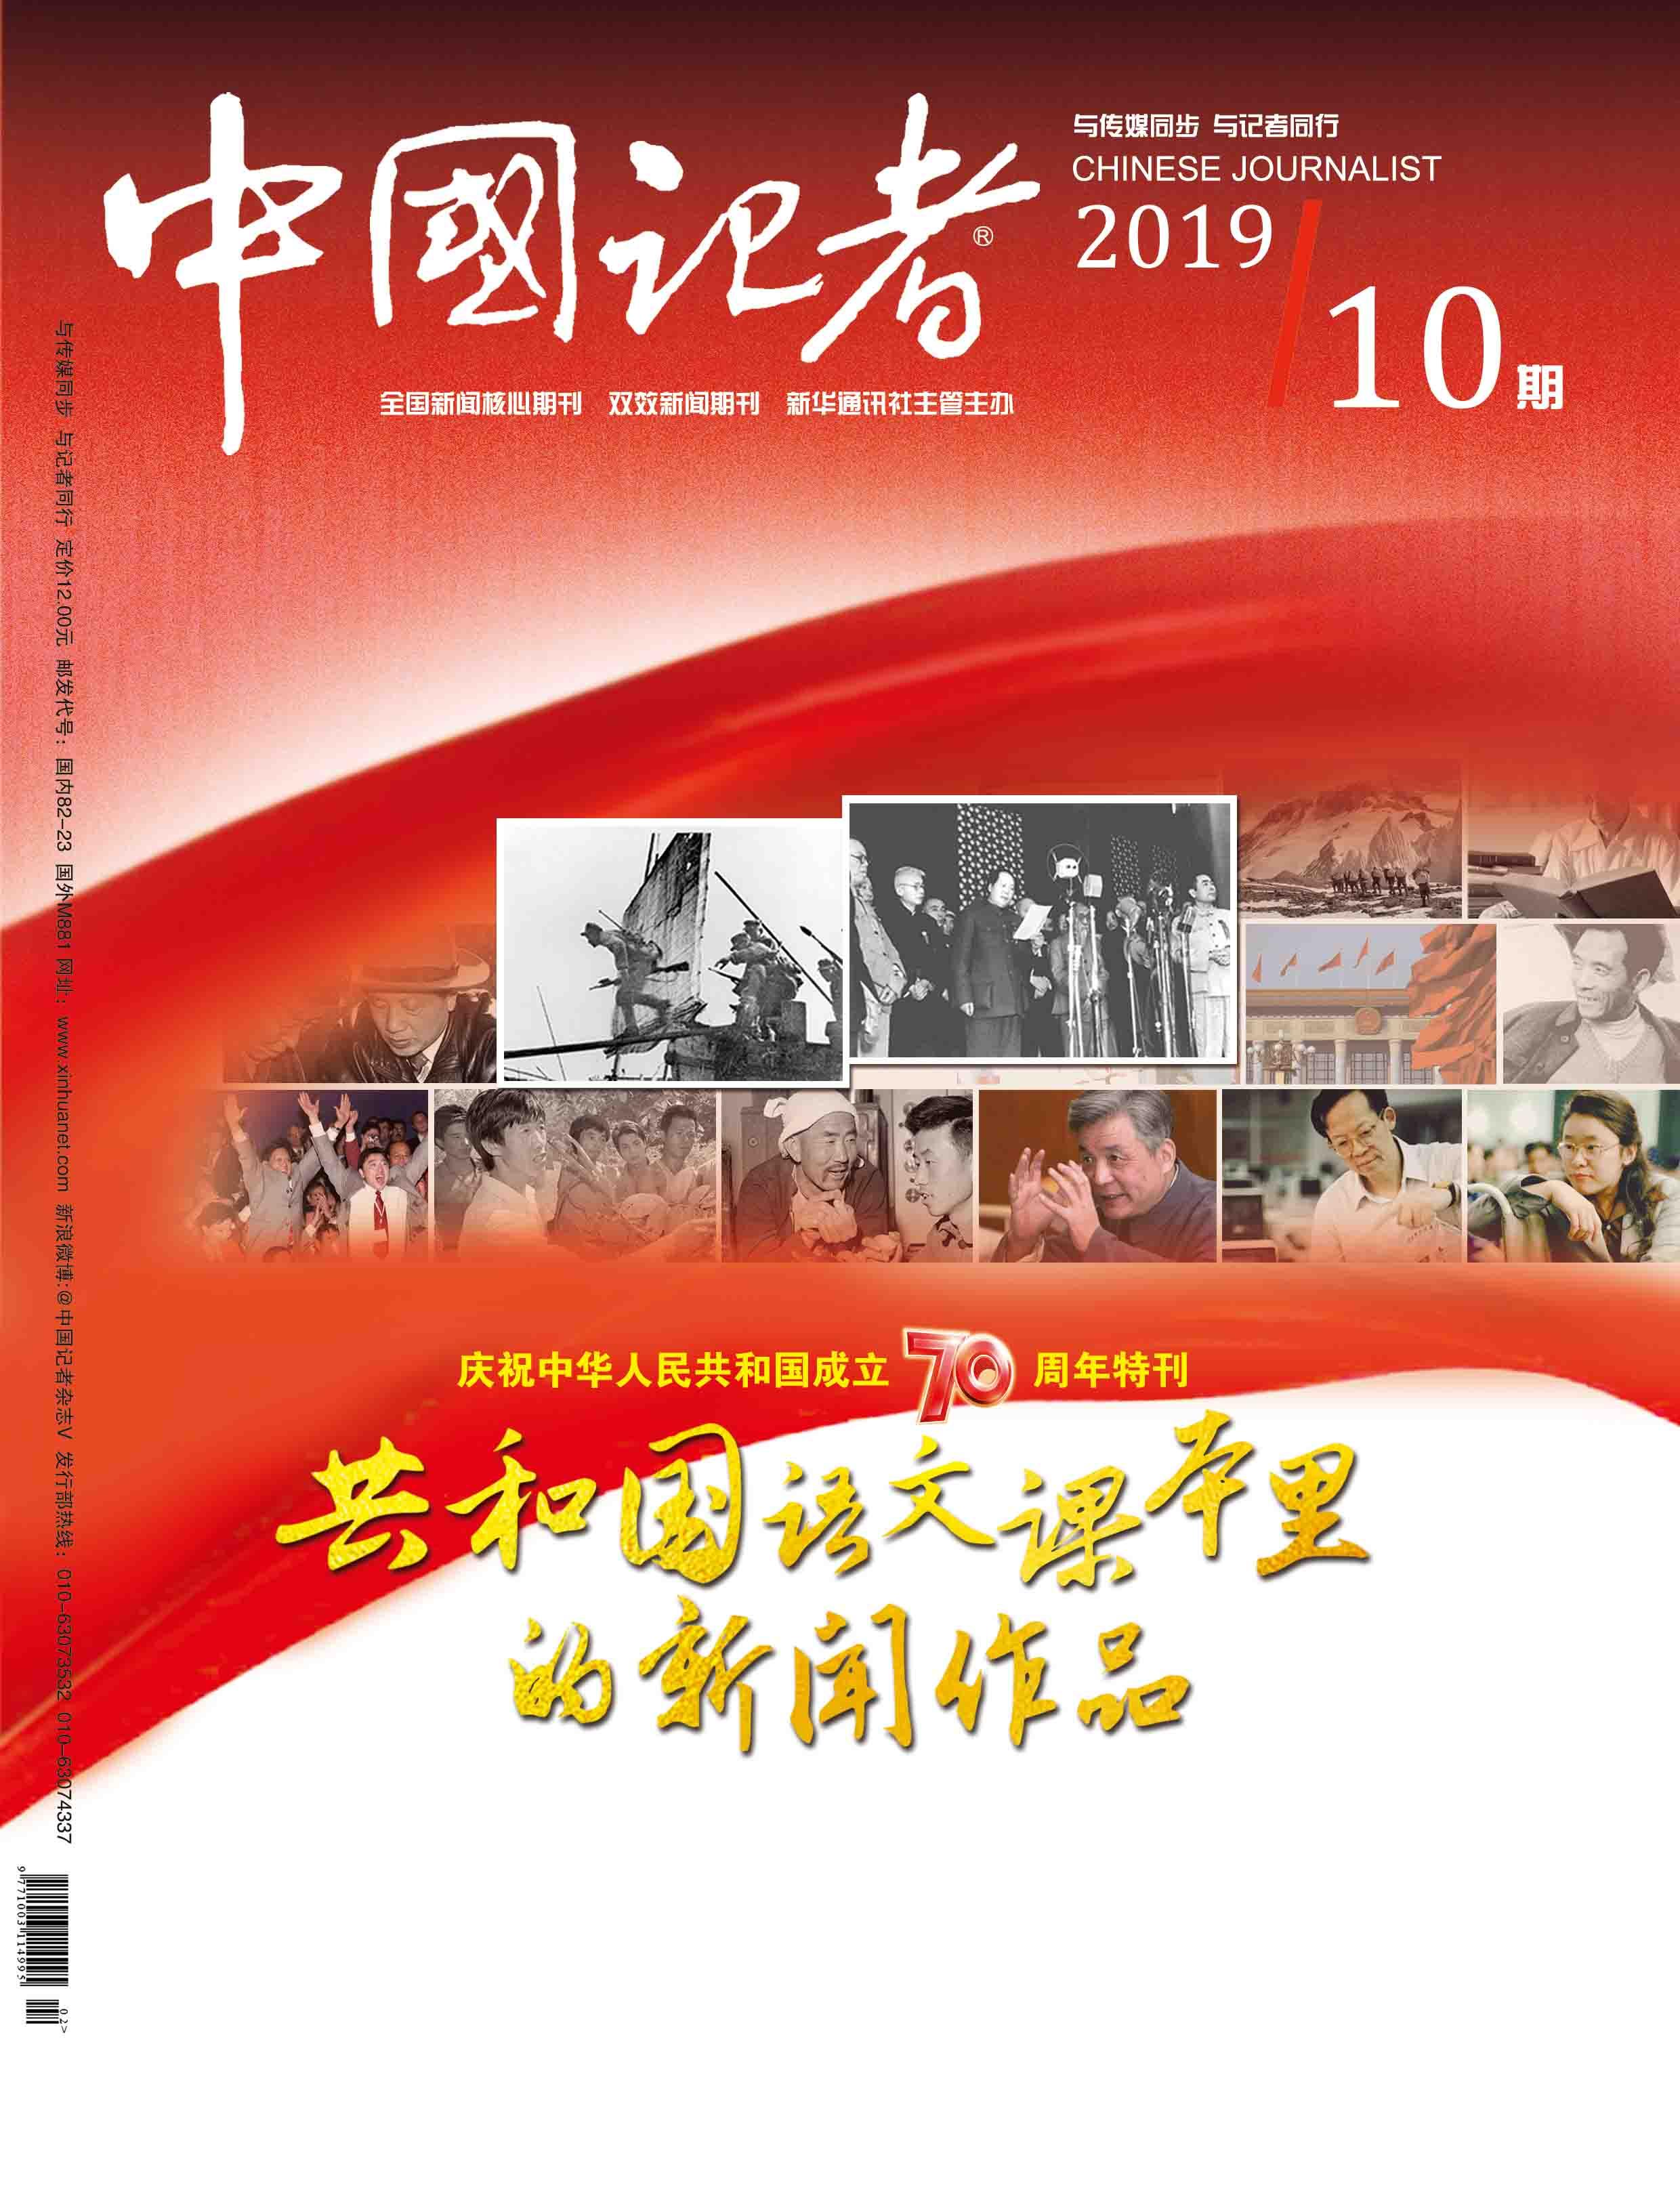 中國記者2019年第10期封面